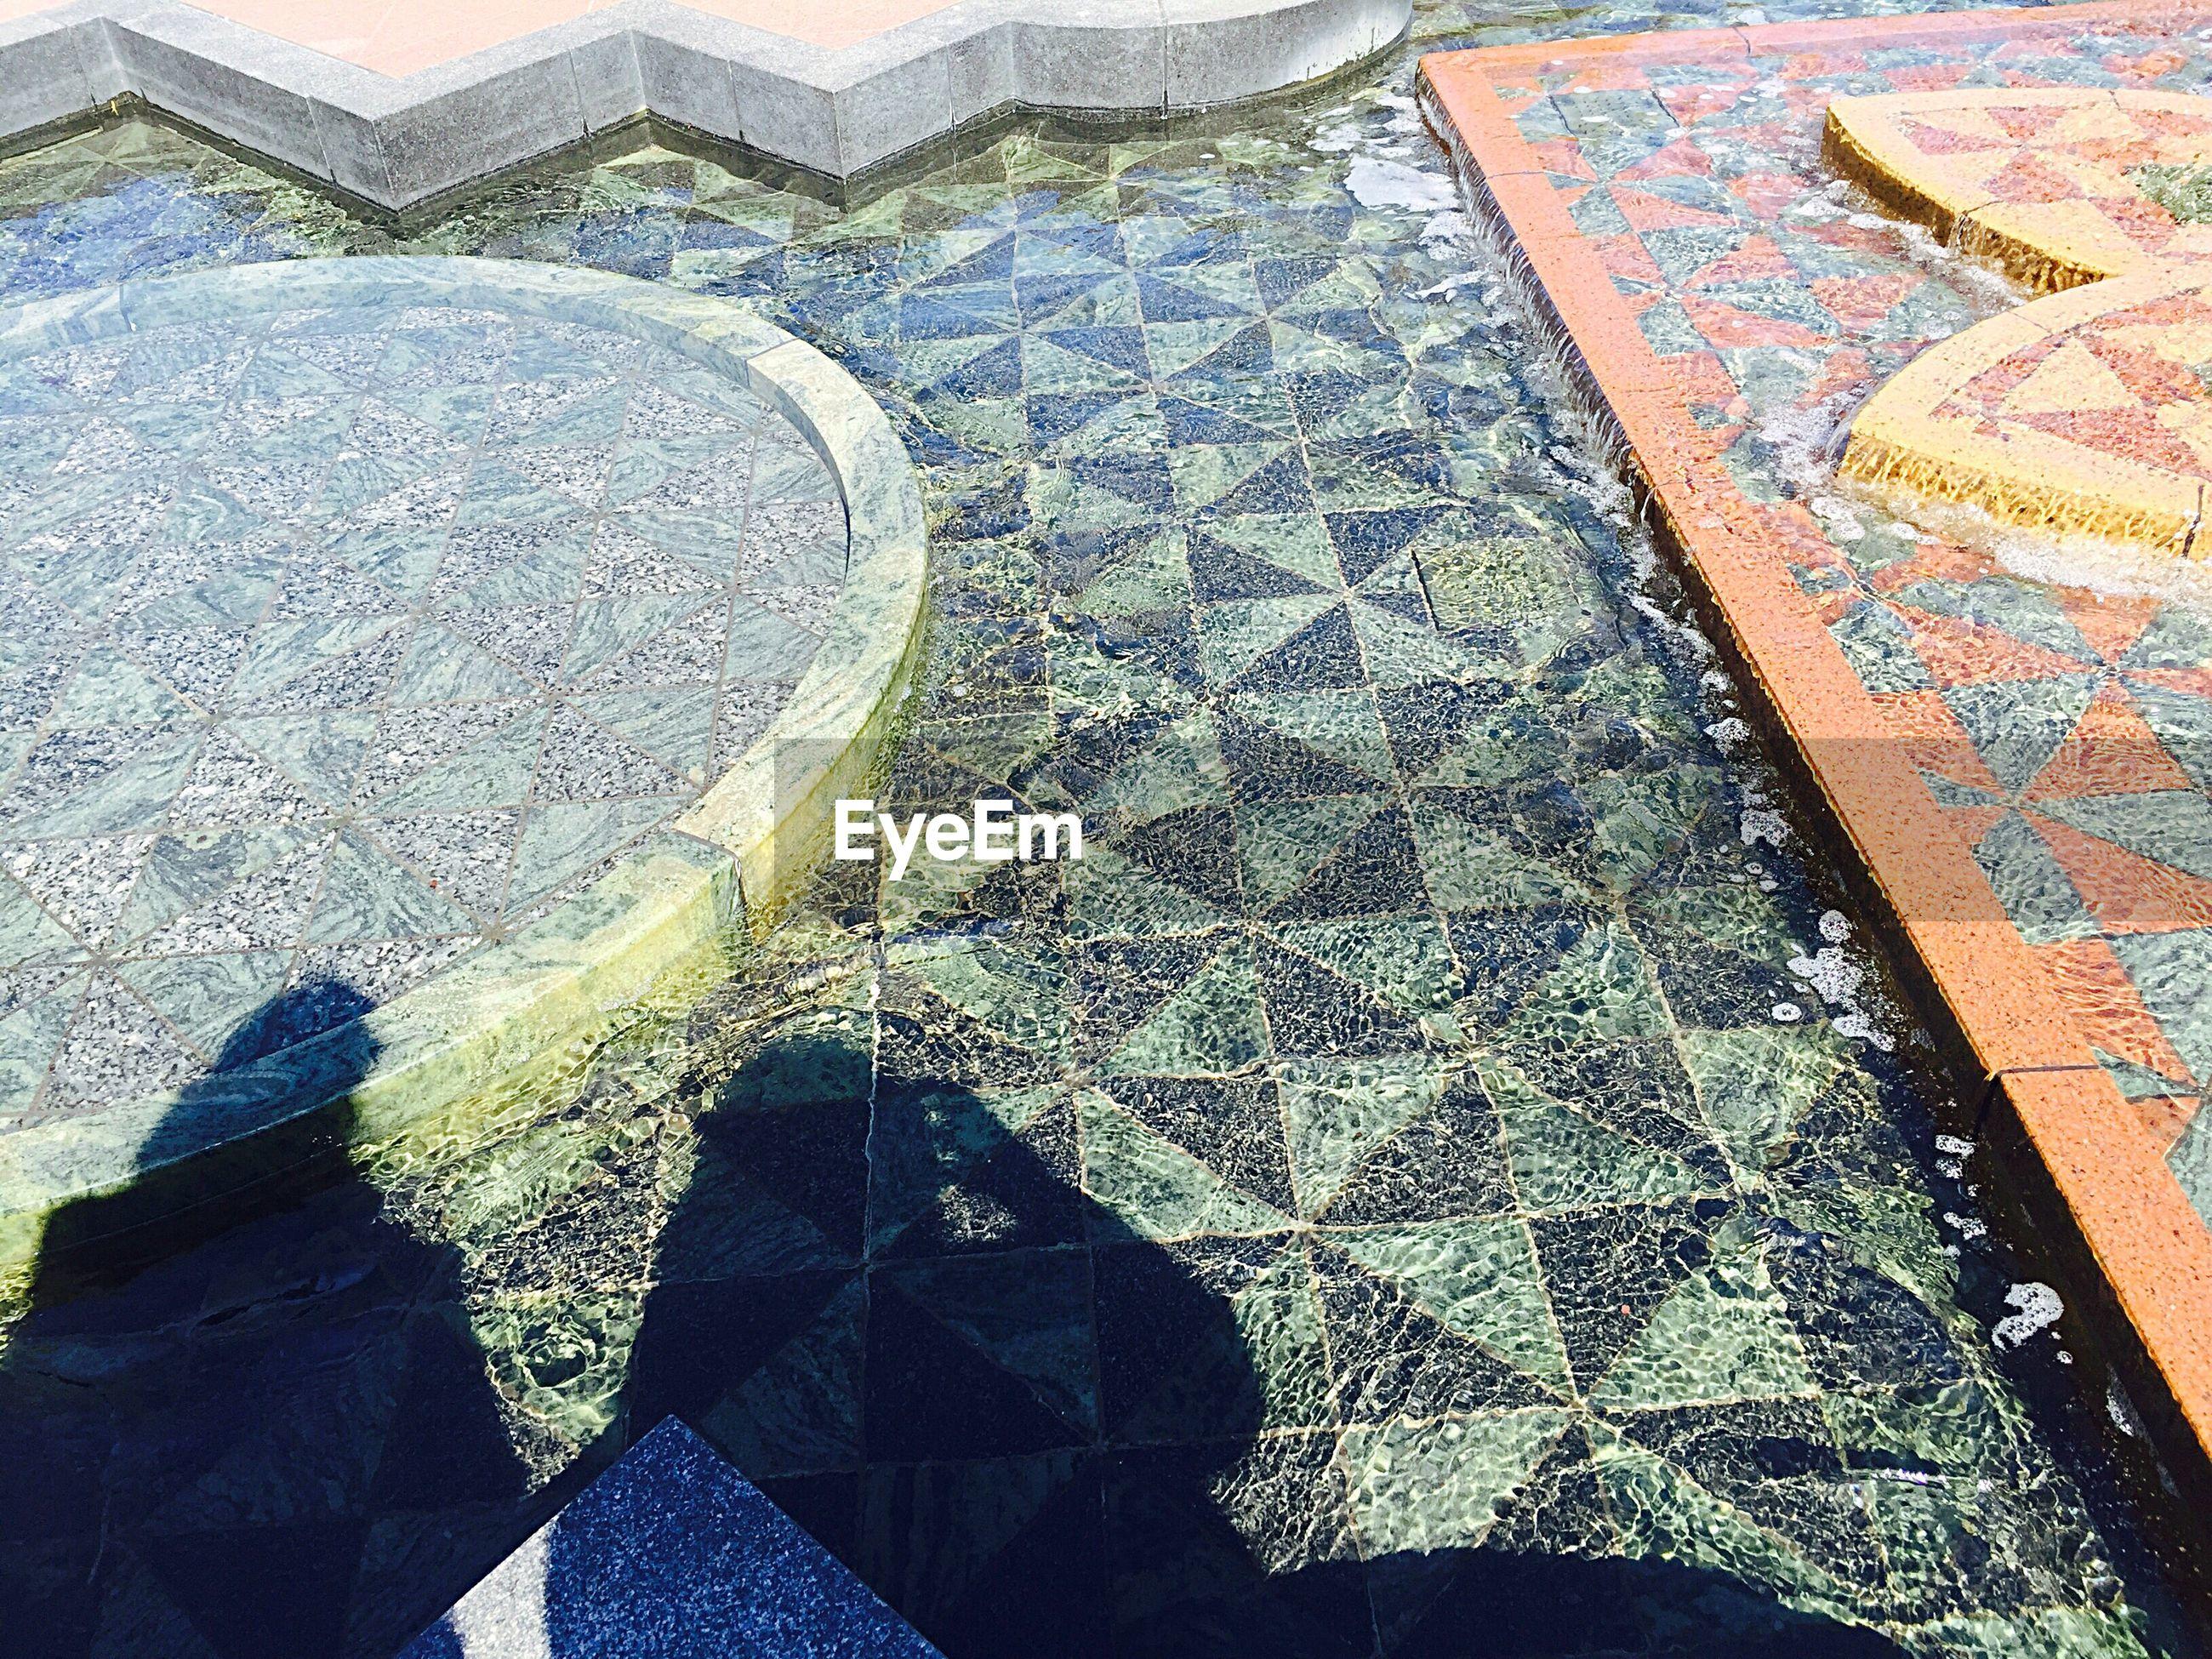 Shadow of people in pool